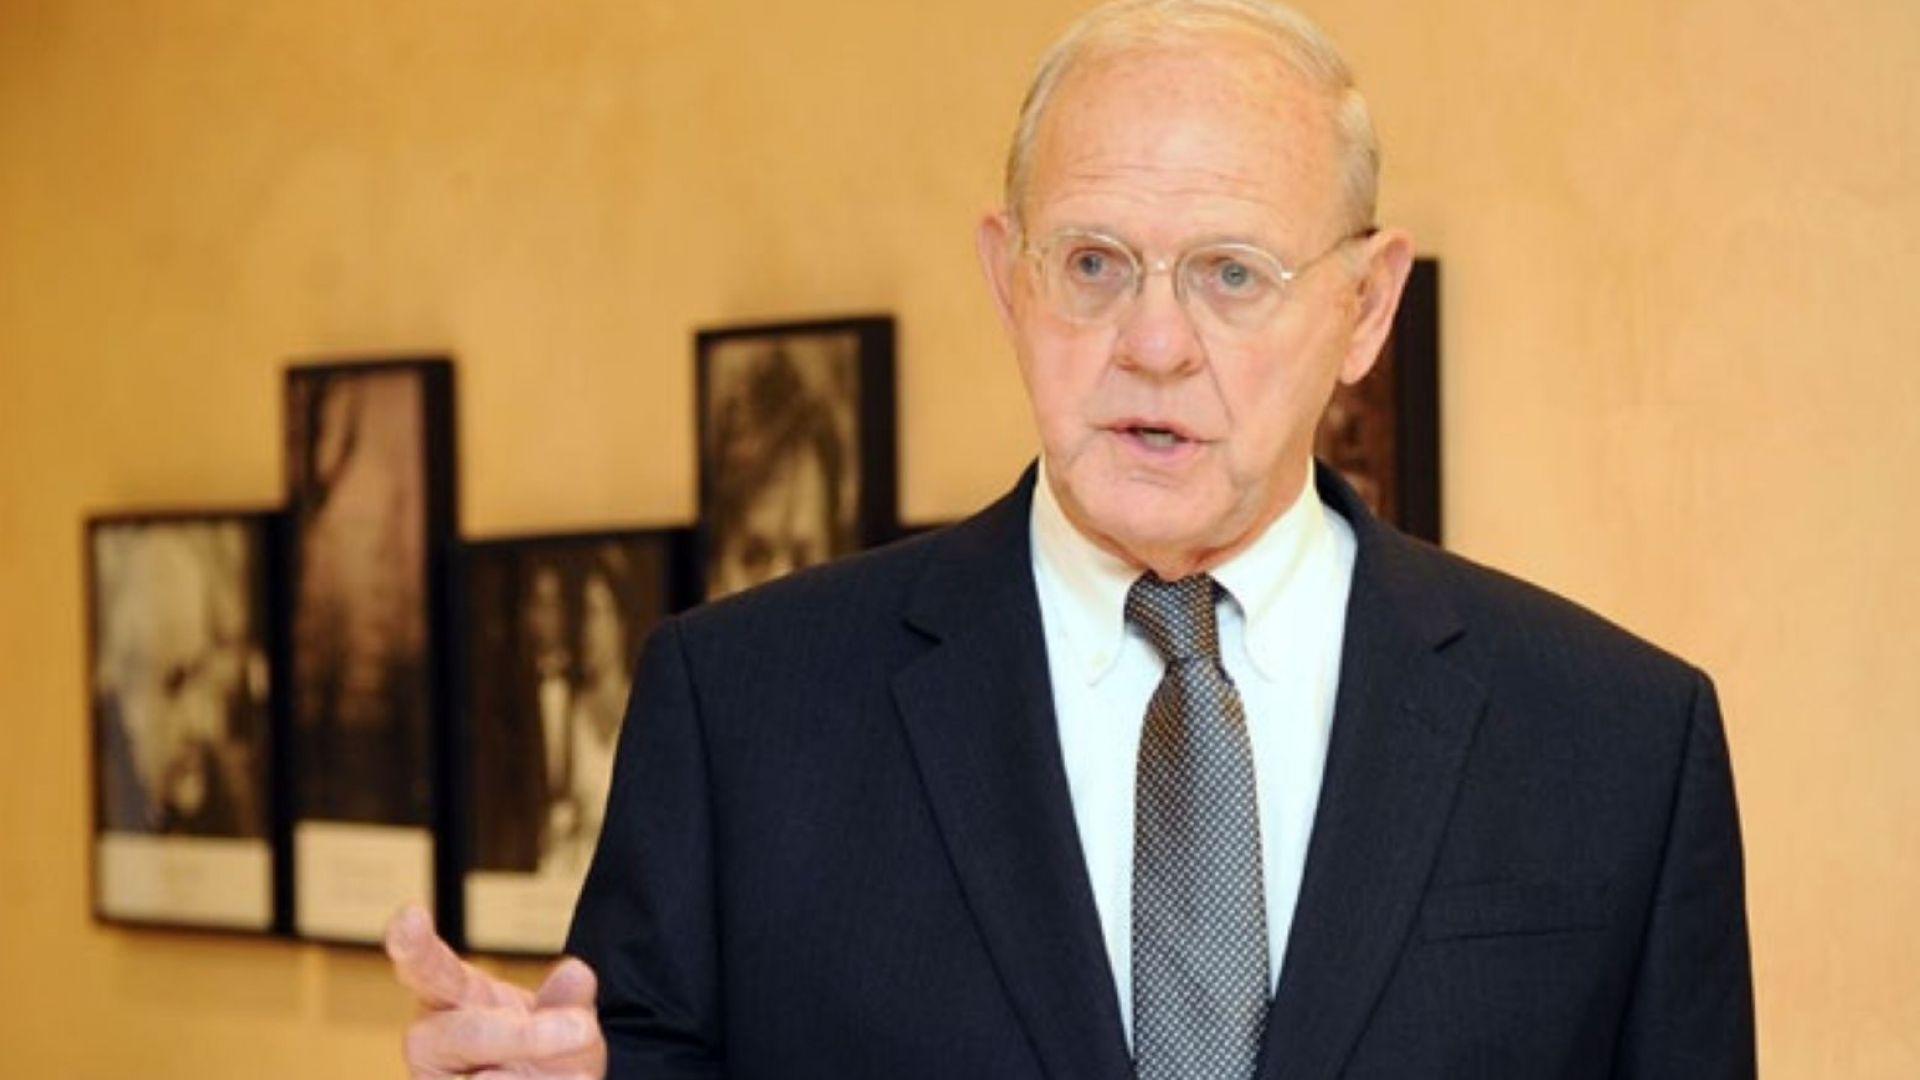 Бивш шеф в ЦРУ: САЩ са съгласни с промяна на границите на Балканите